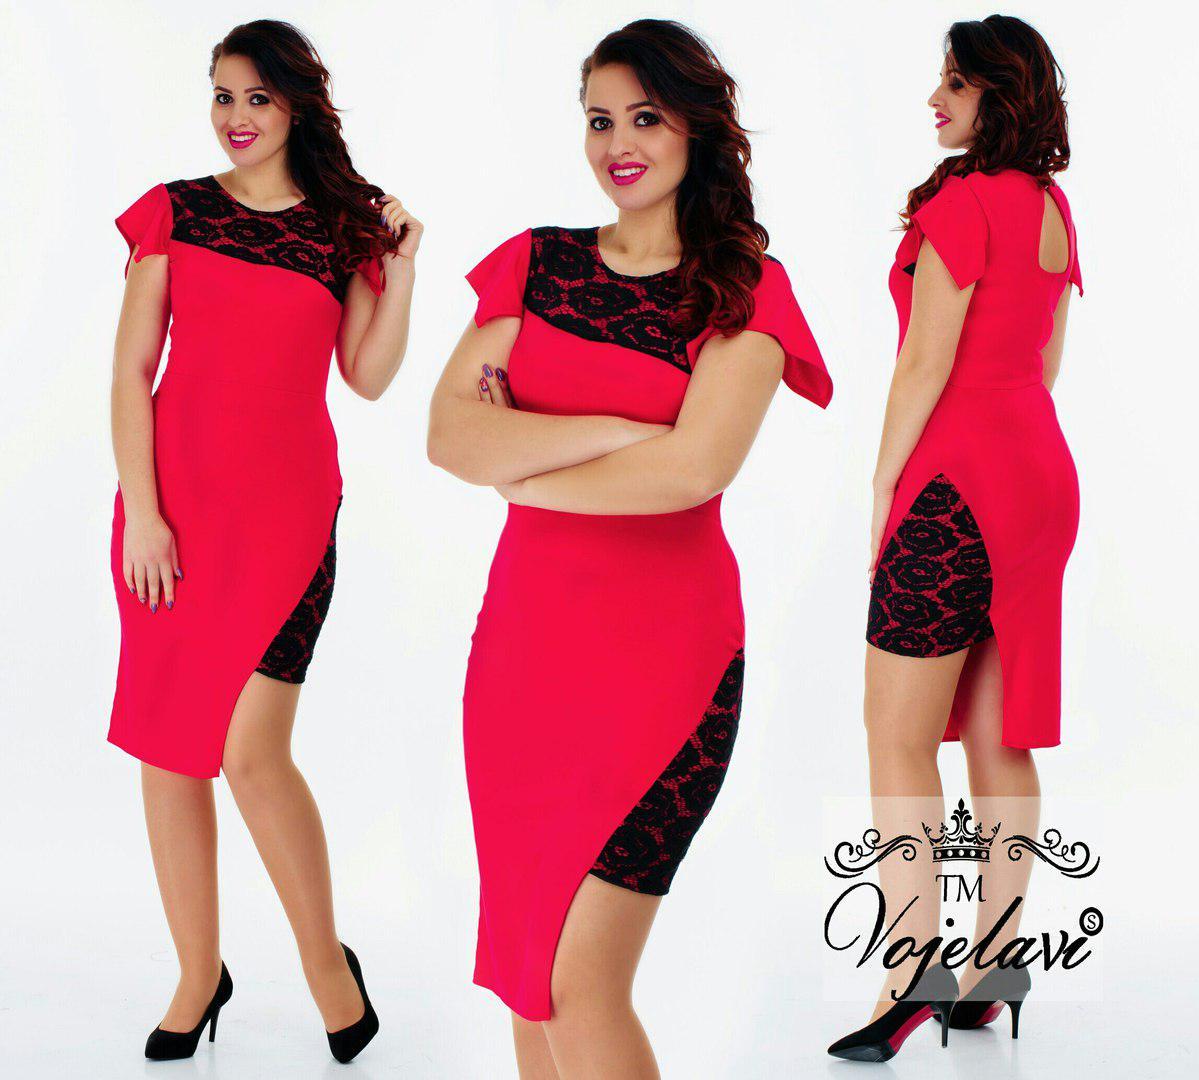 ca3b05c69ba Стильное женское платье с удлиненным боком A1023 оптом и в розницу ...